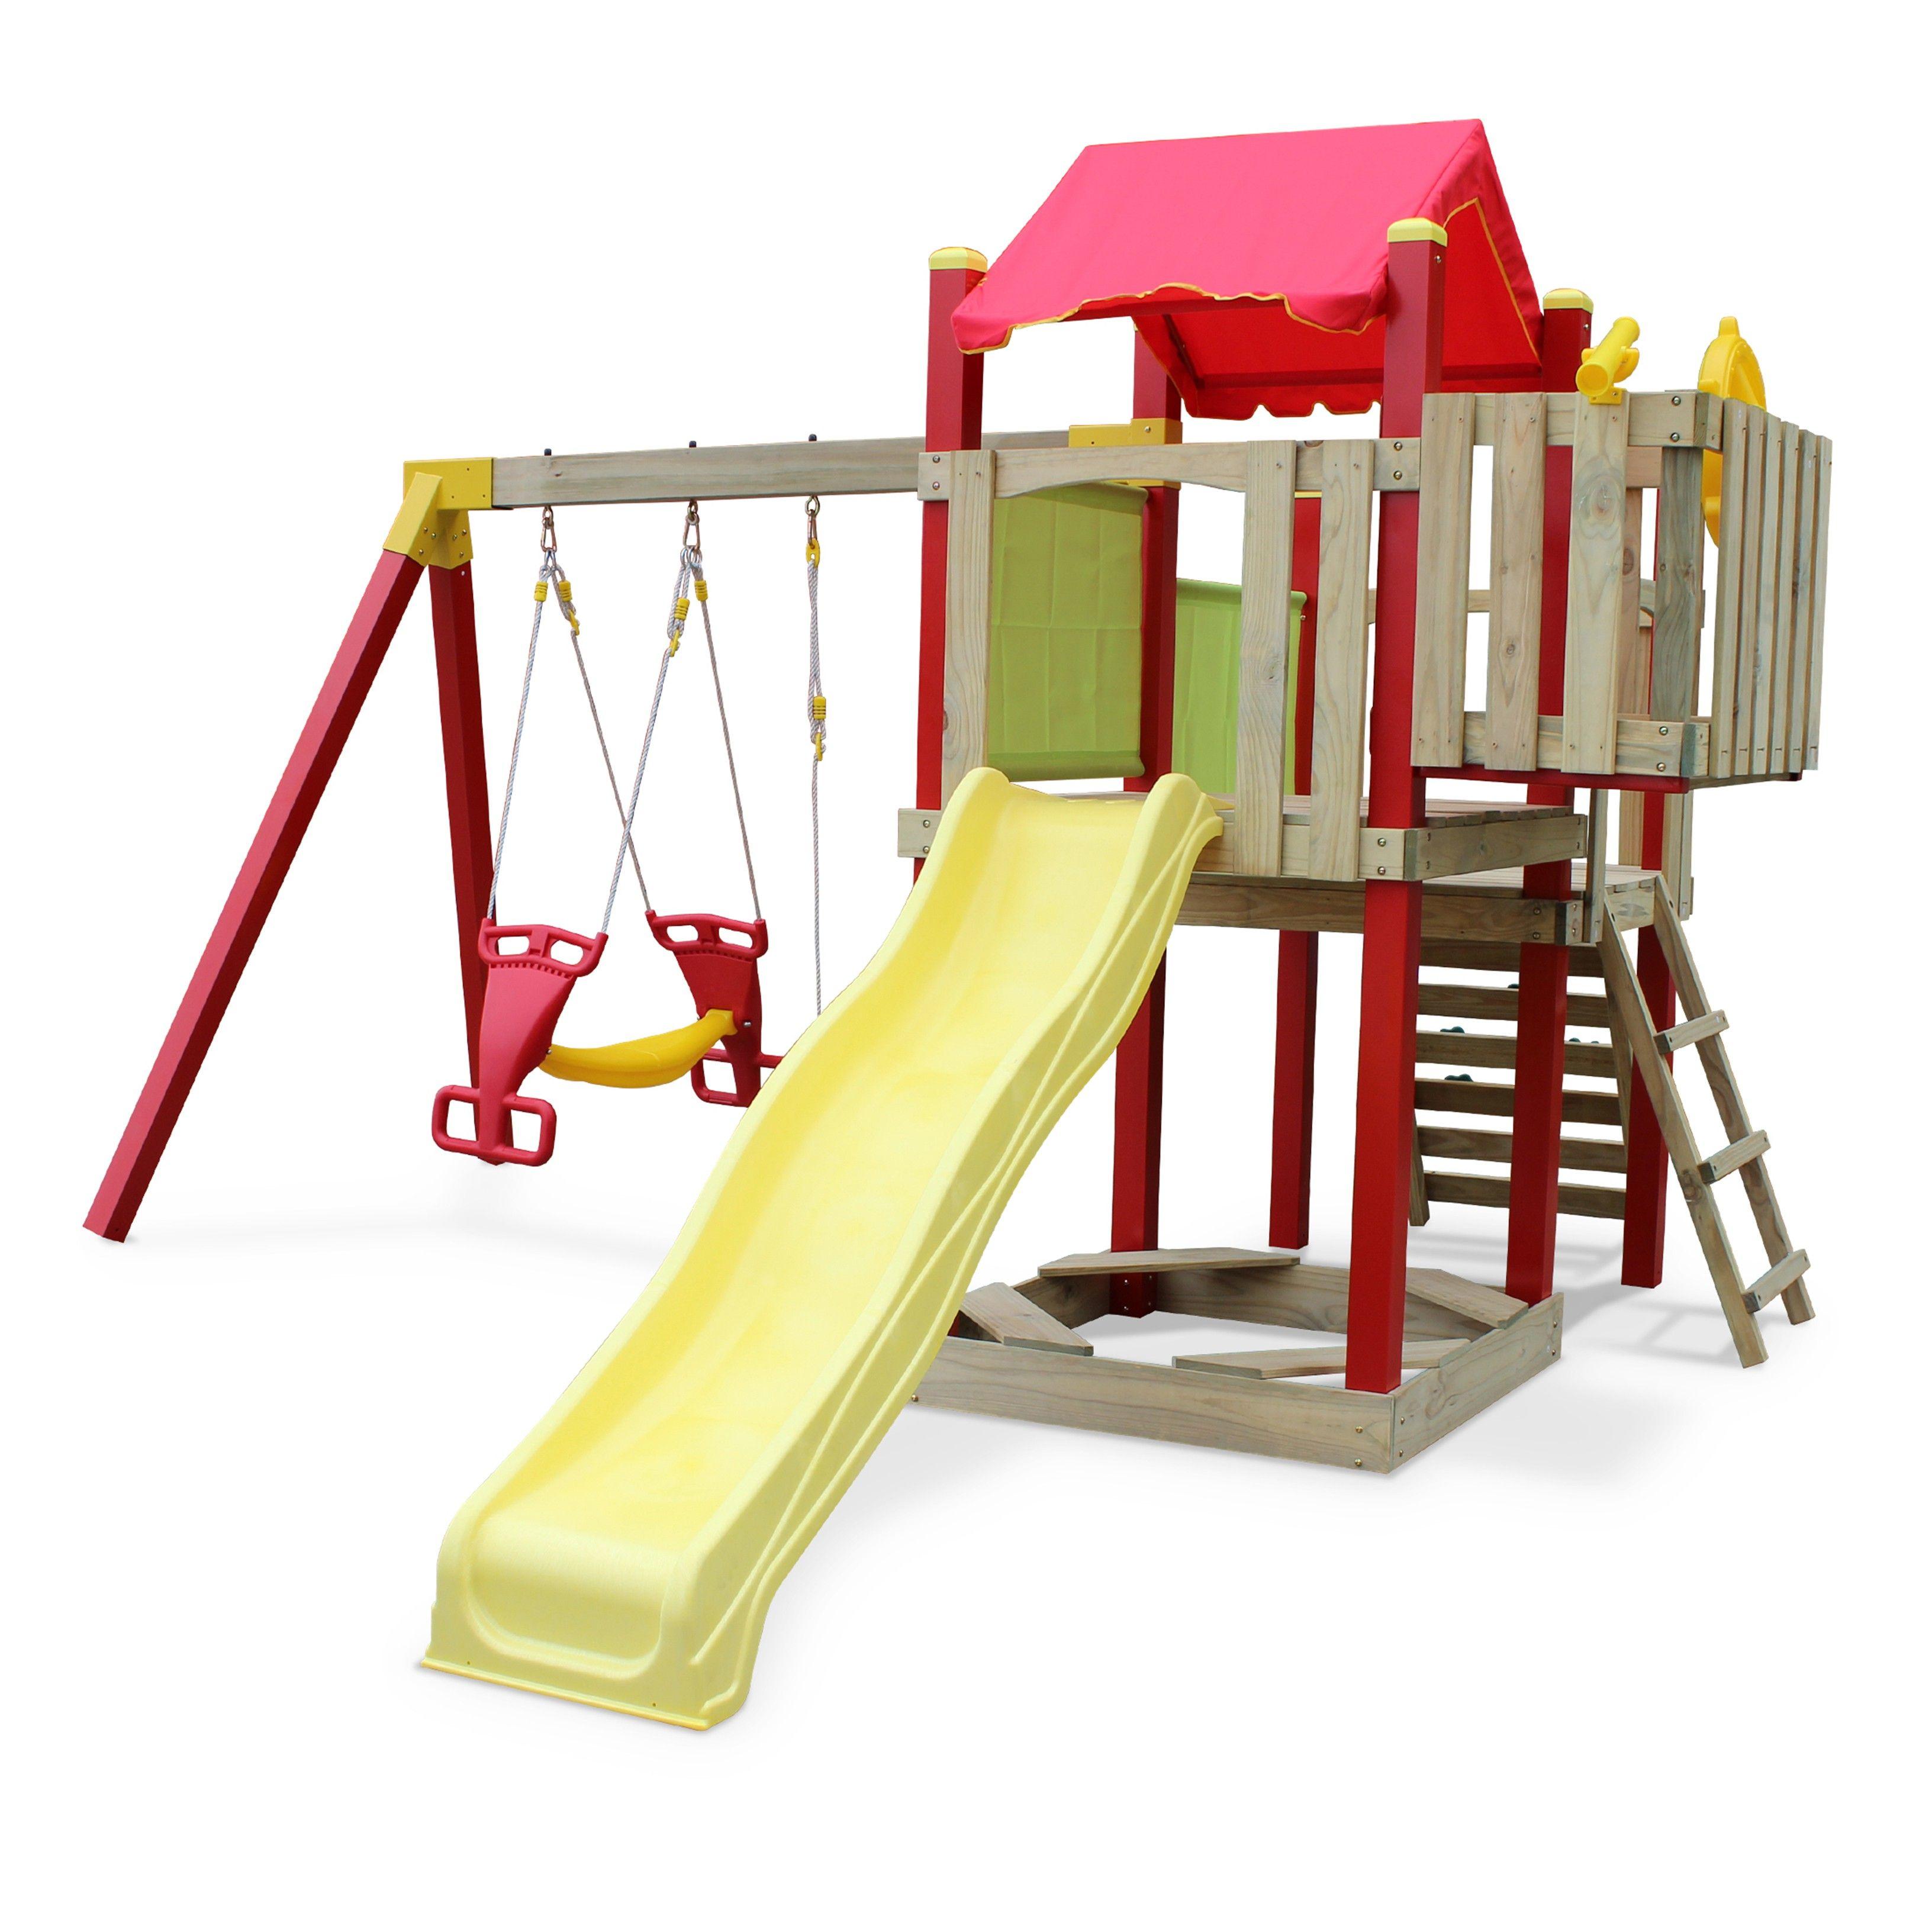 aire de jeux ext rieure en bois station de jeux ext rieure portique en bois toboggans. Black Bedroom Furniture Sets. Home Design Ideas